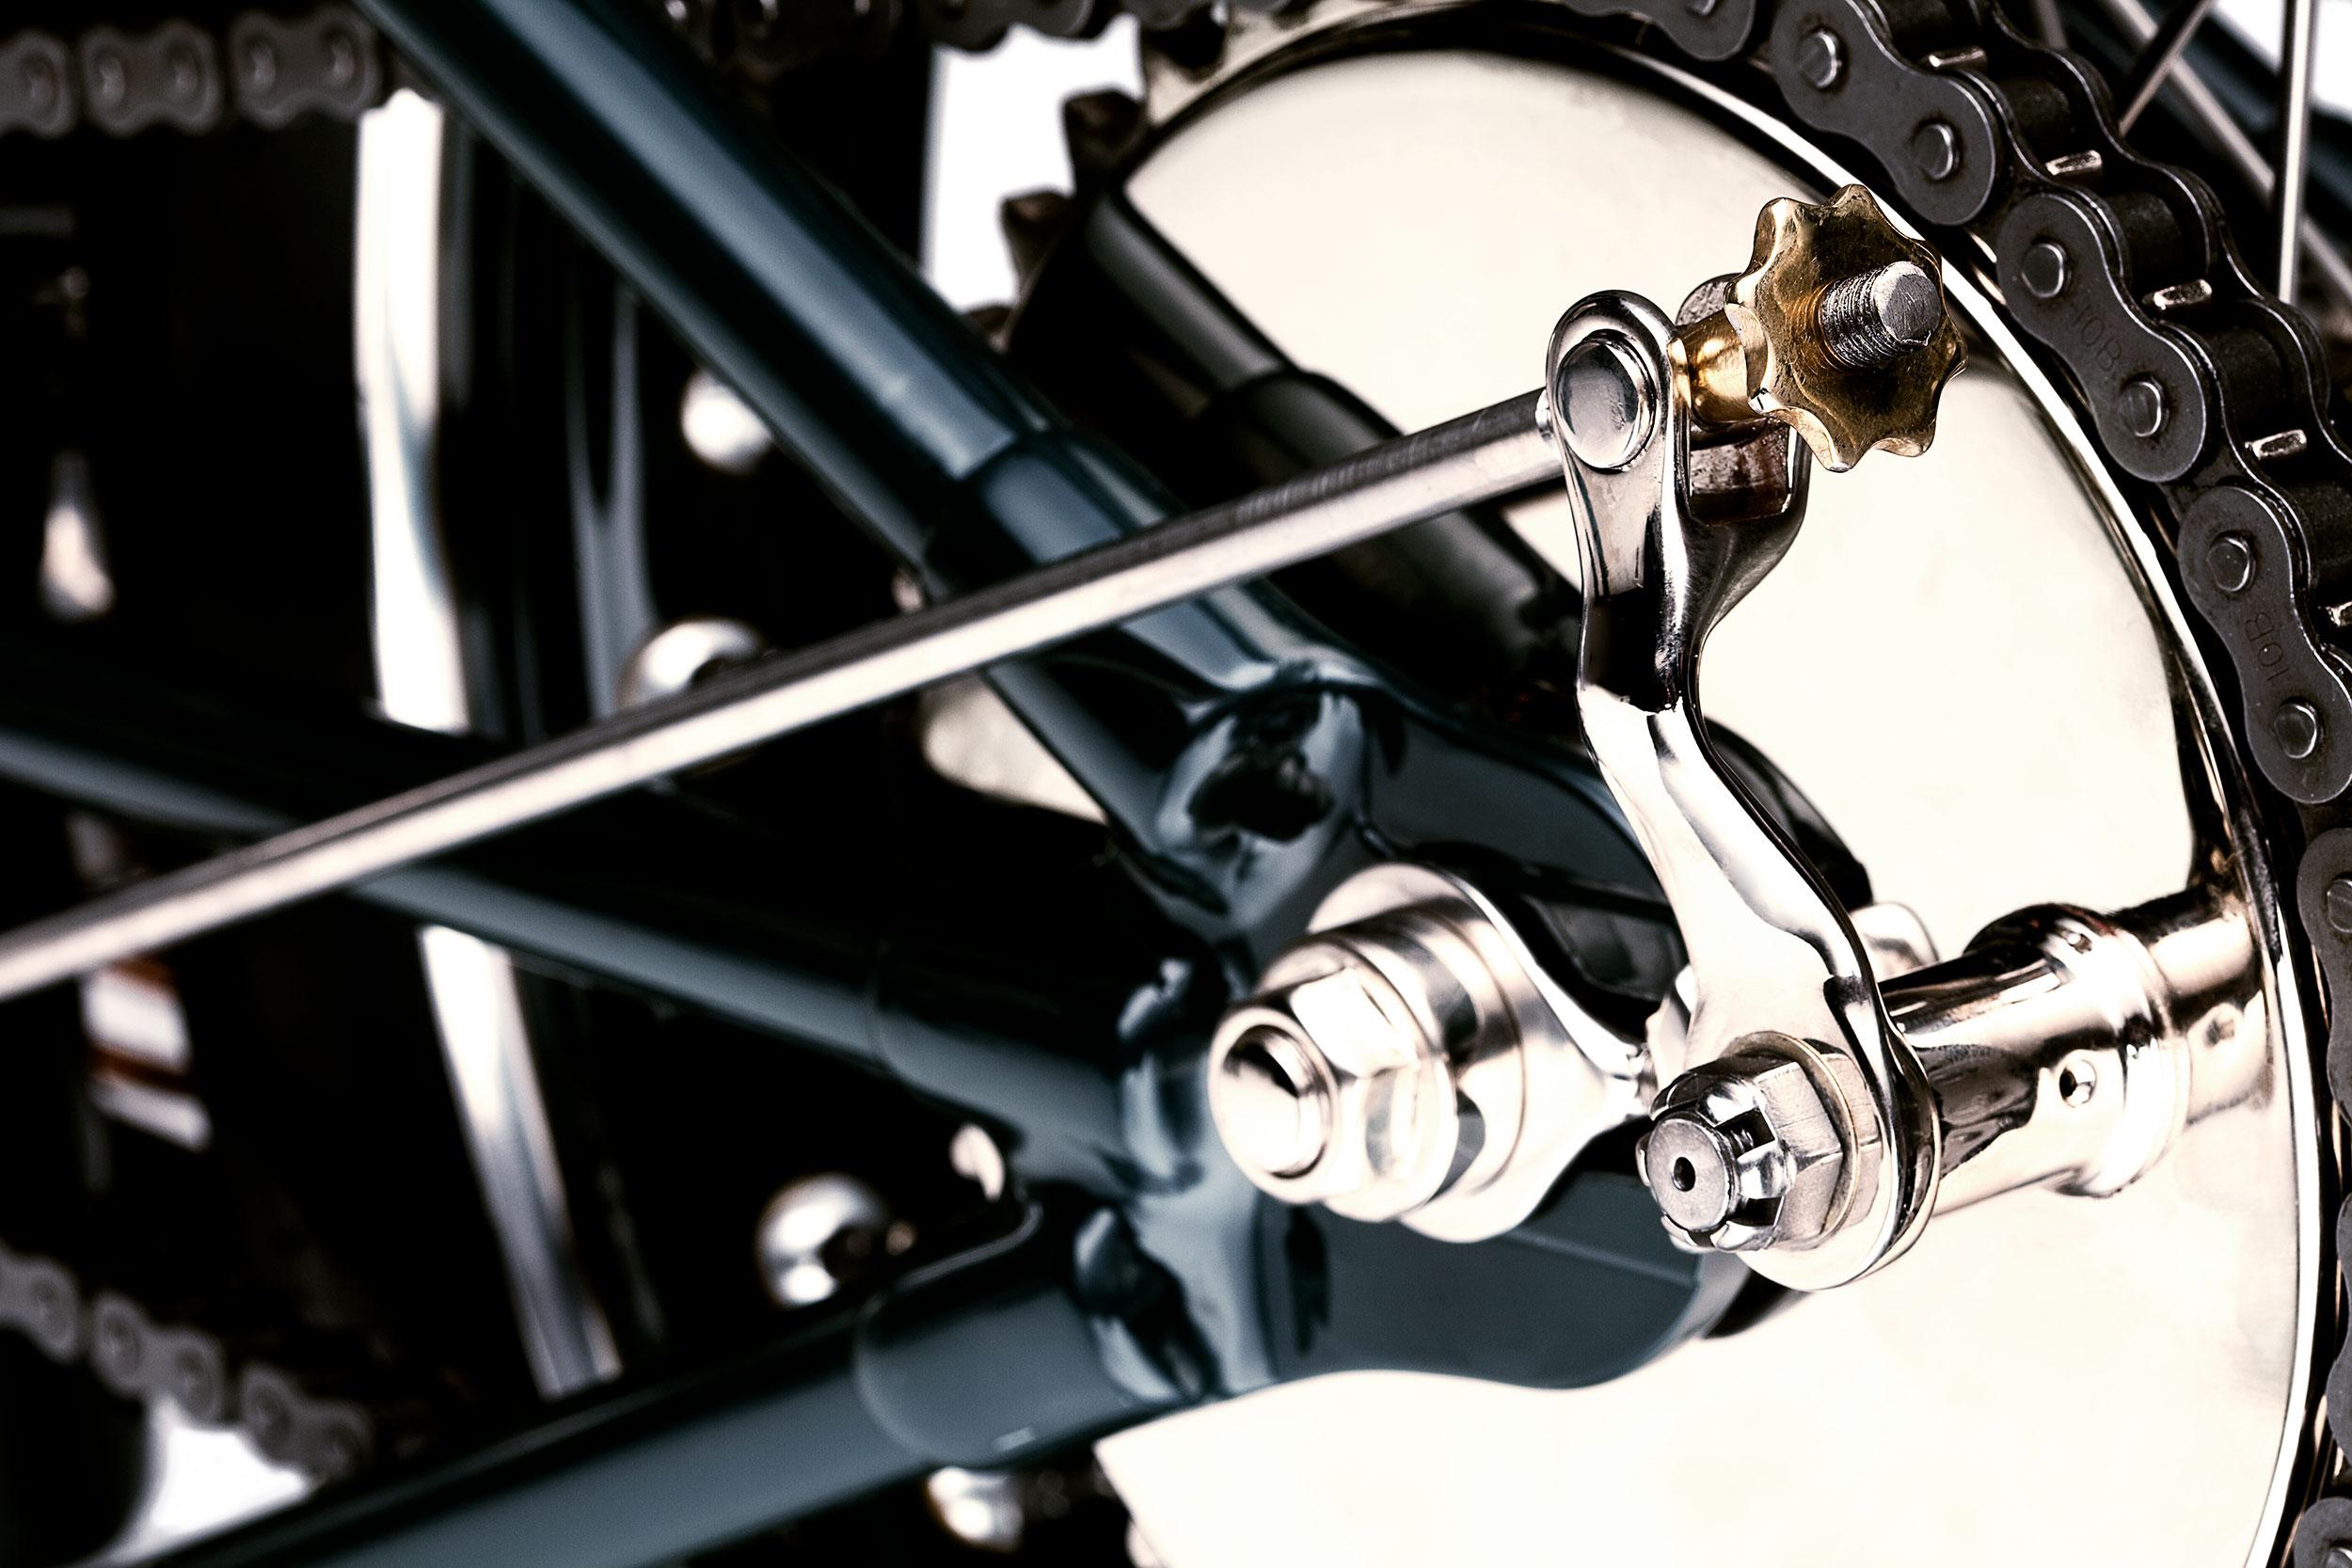 Kestrel-Rear-Brake.jpg